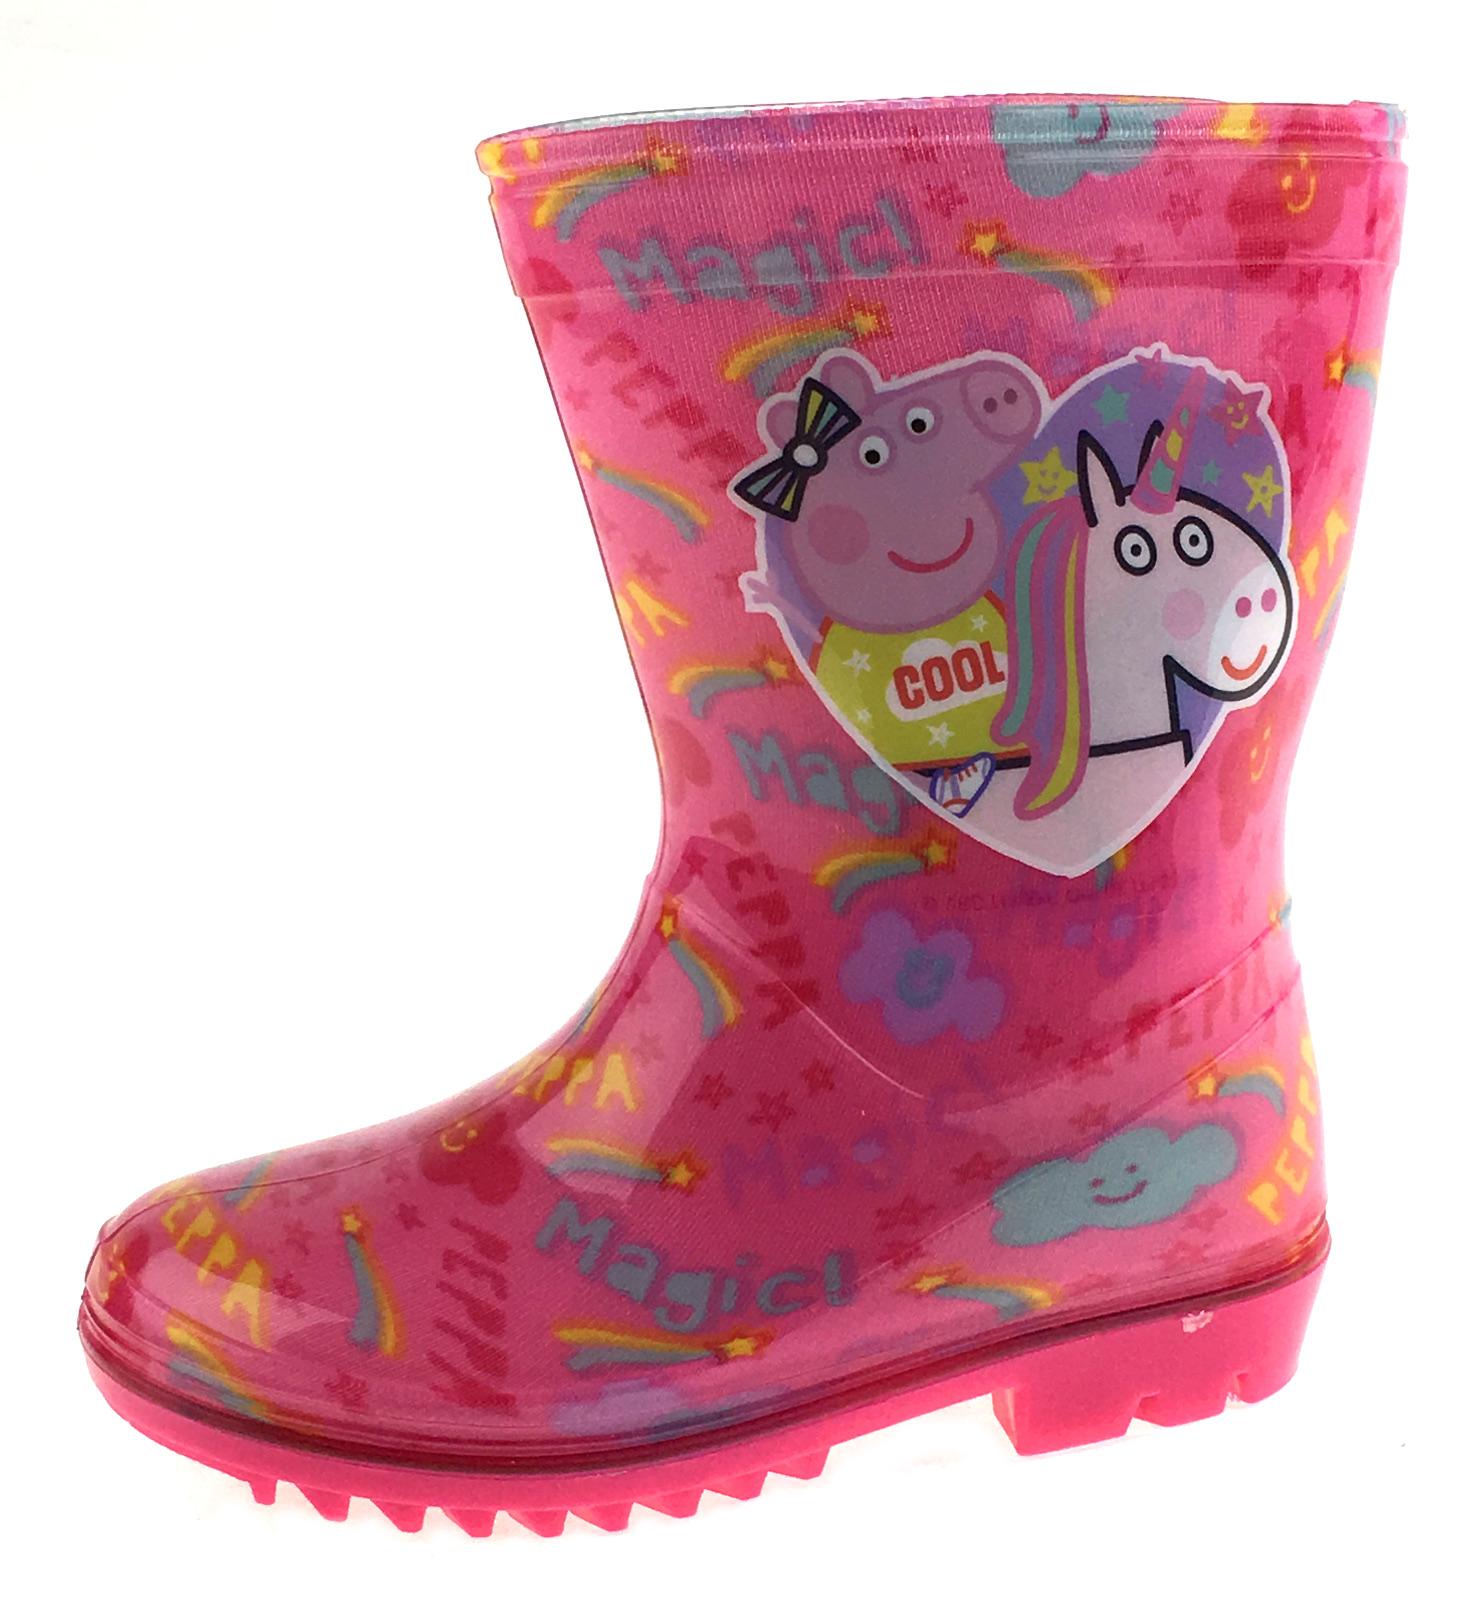 Girls-Peppa-Pig-Wellington-Boots-Mid-Calf-Gitter-Snow-Rain-Wellies-Kids-Size Indexbild 34